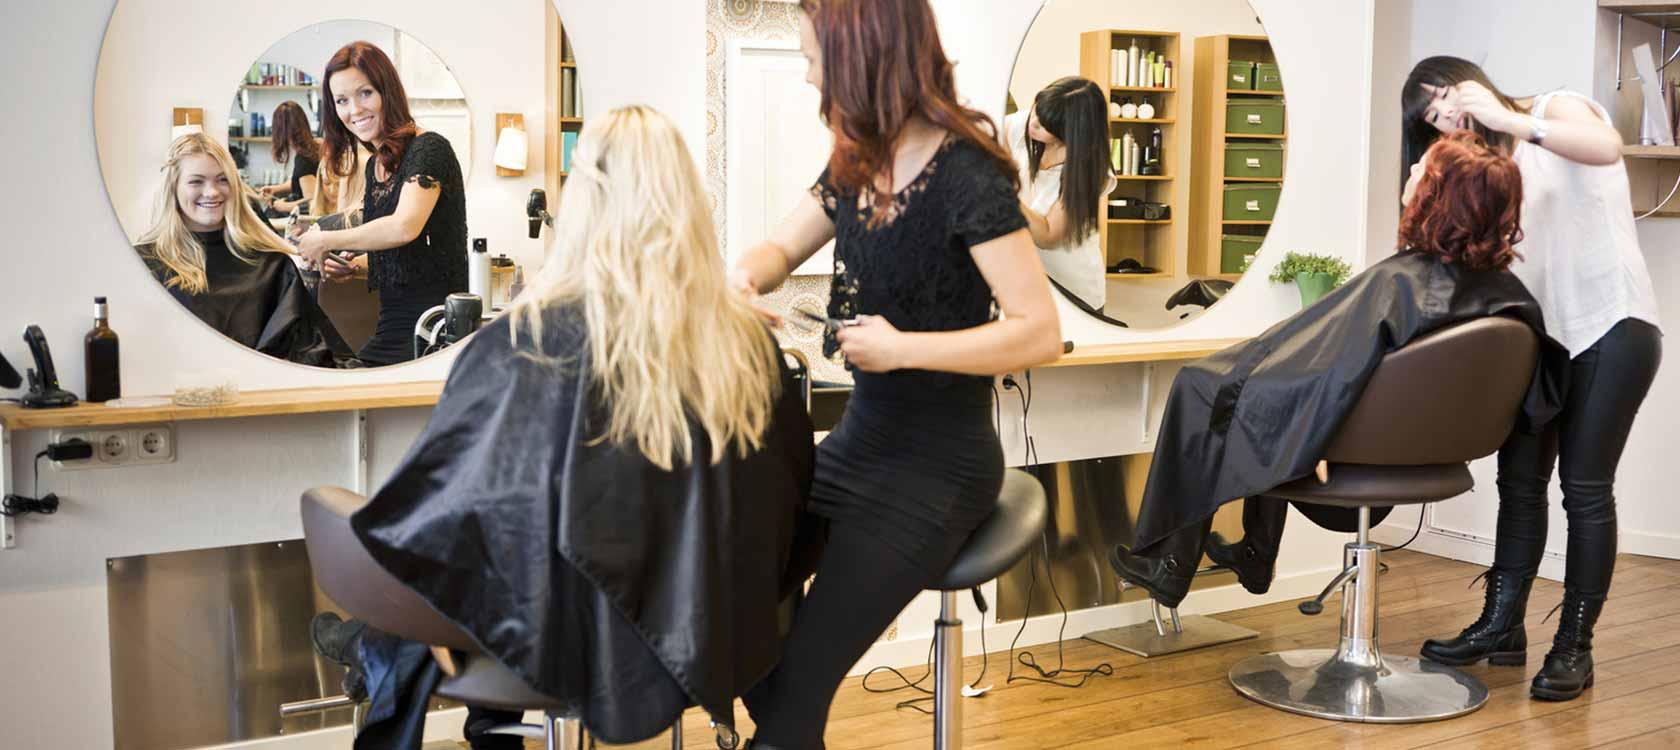 Comment devenir coiffeuse a domicile - Ouvrir un salon de coiffure sans diplome ...